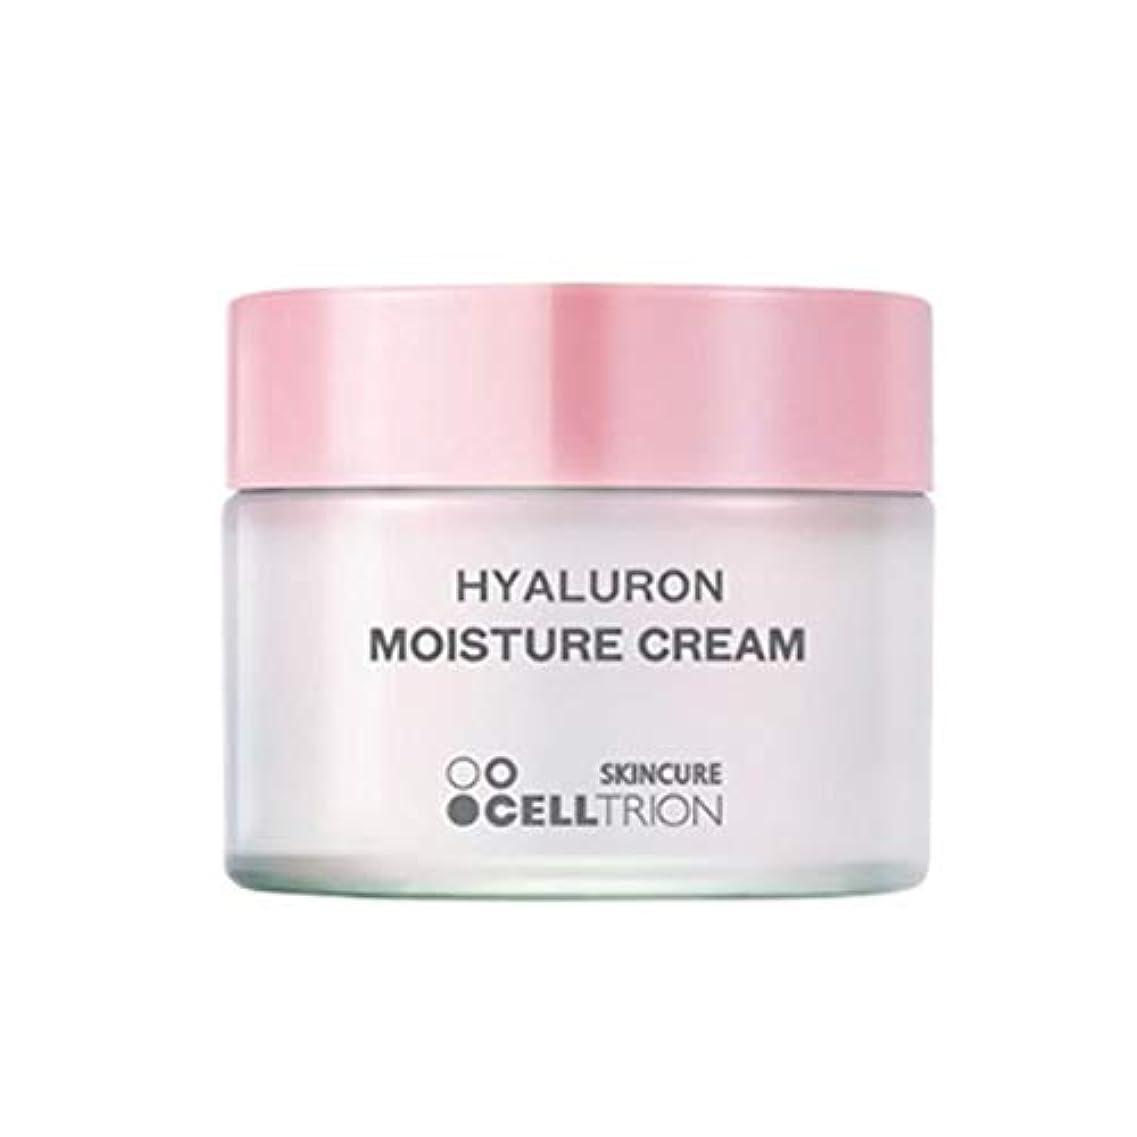 かかわらず耐えられないニックネームセルトリオンスキンキュアヒアルロンモイスチャークリーム50gしわ改善、Celltrion Skincure Hyaluron Moisture Cream 50g Anti-Wrinkle [並行輸入品]